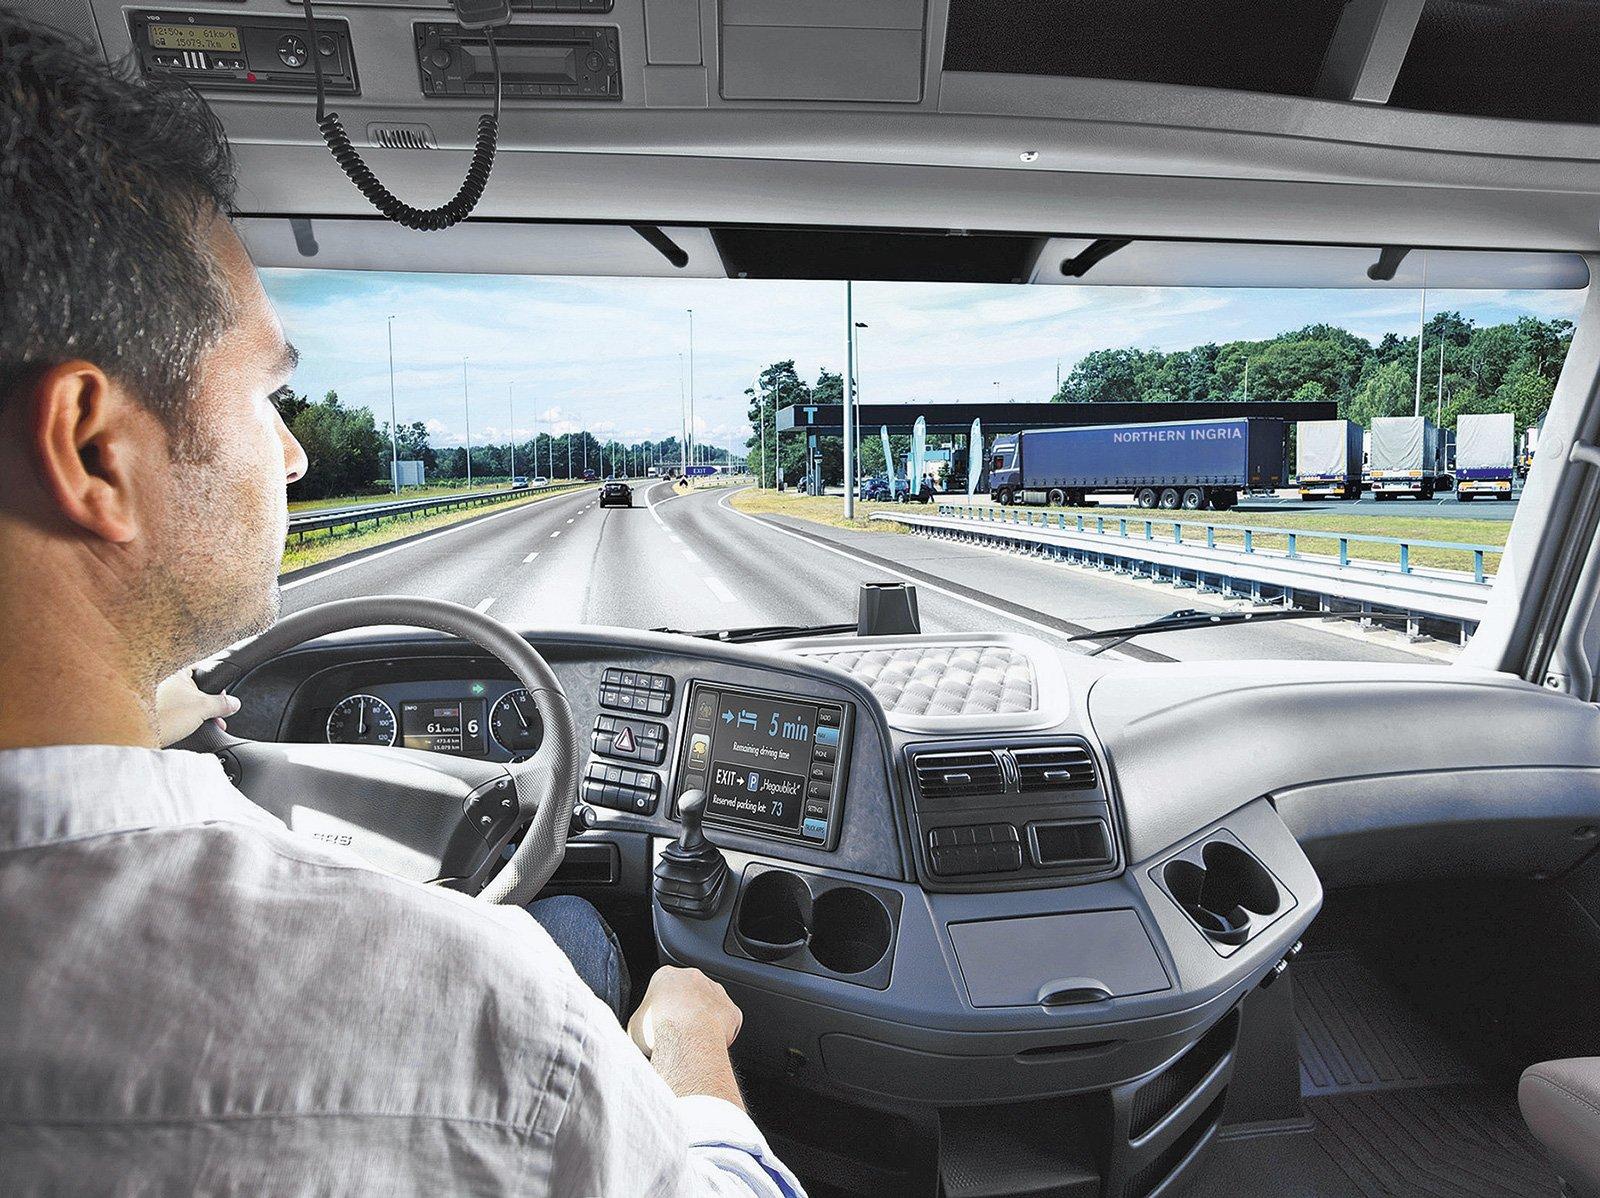 Зачем работодатели следят за водителями